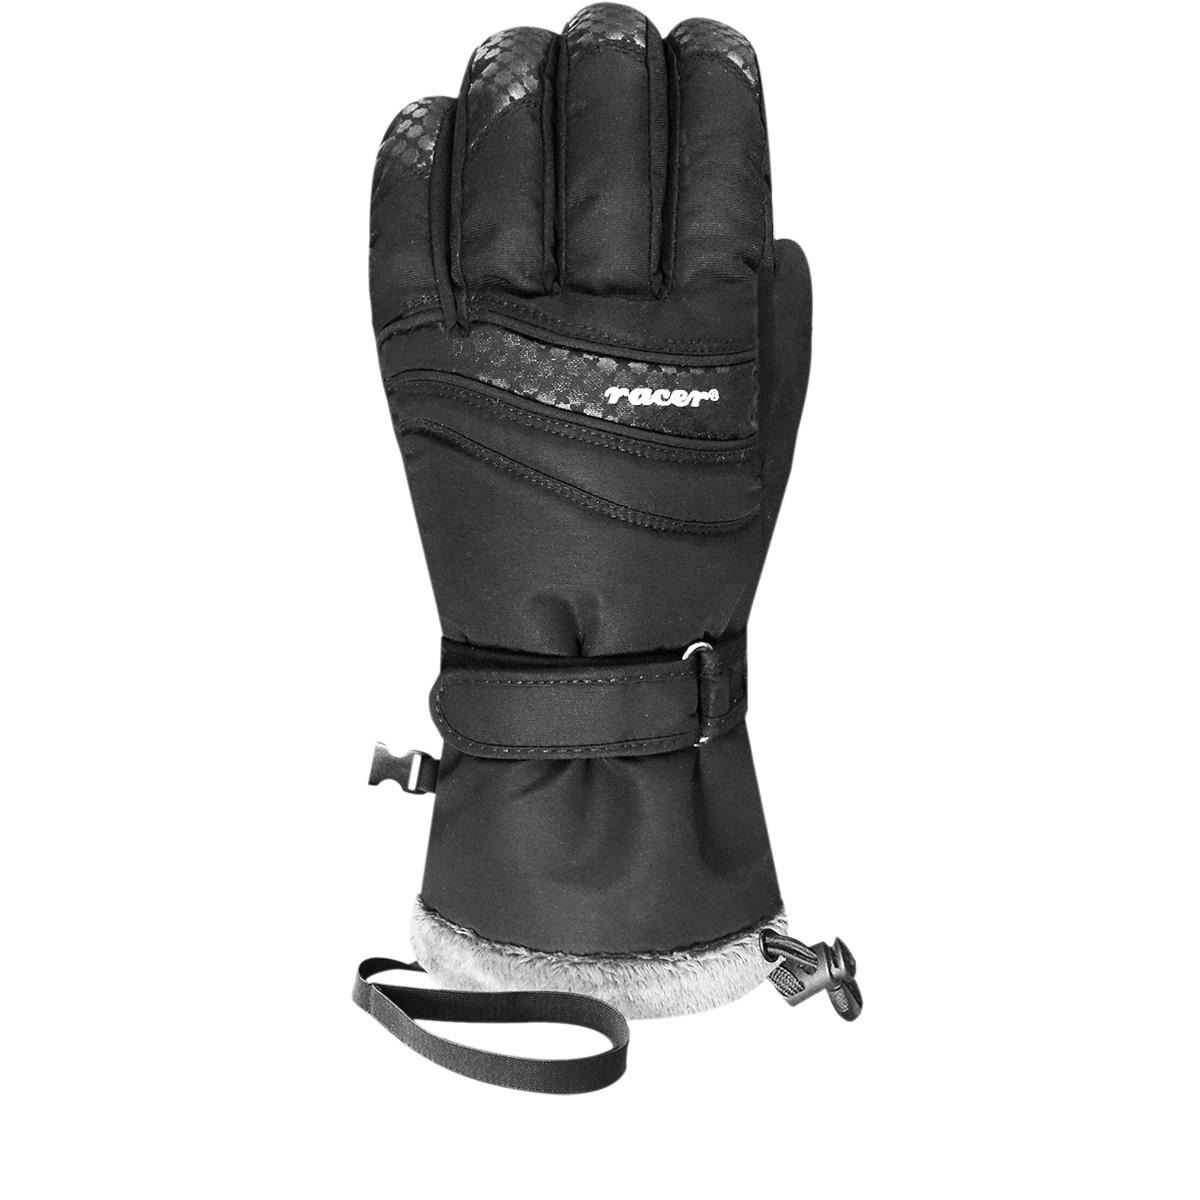 Racer - Aloma 2 - Gloves - Women's